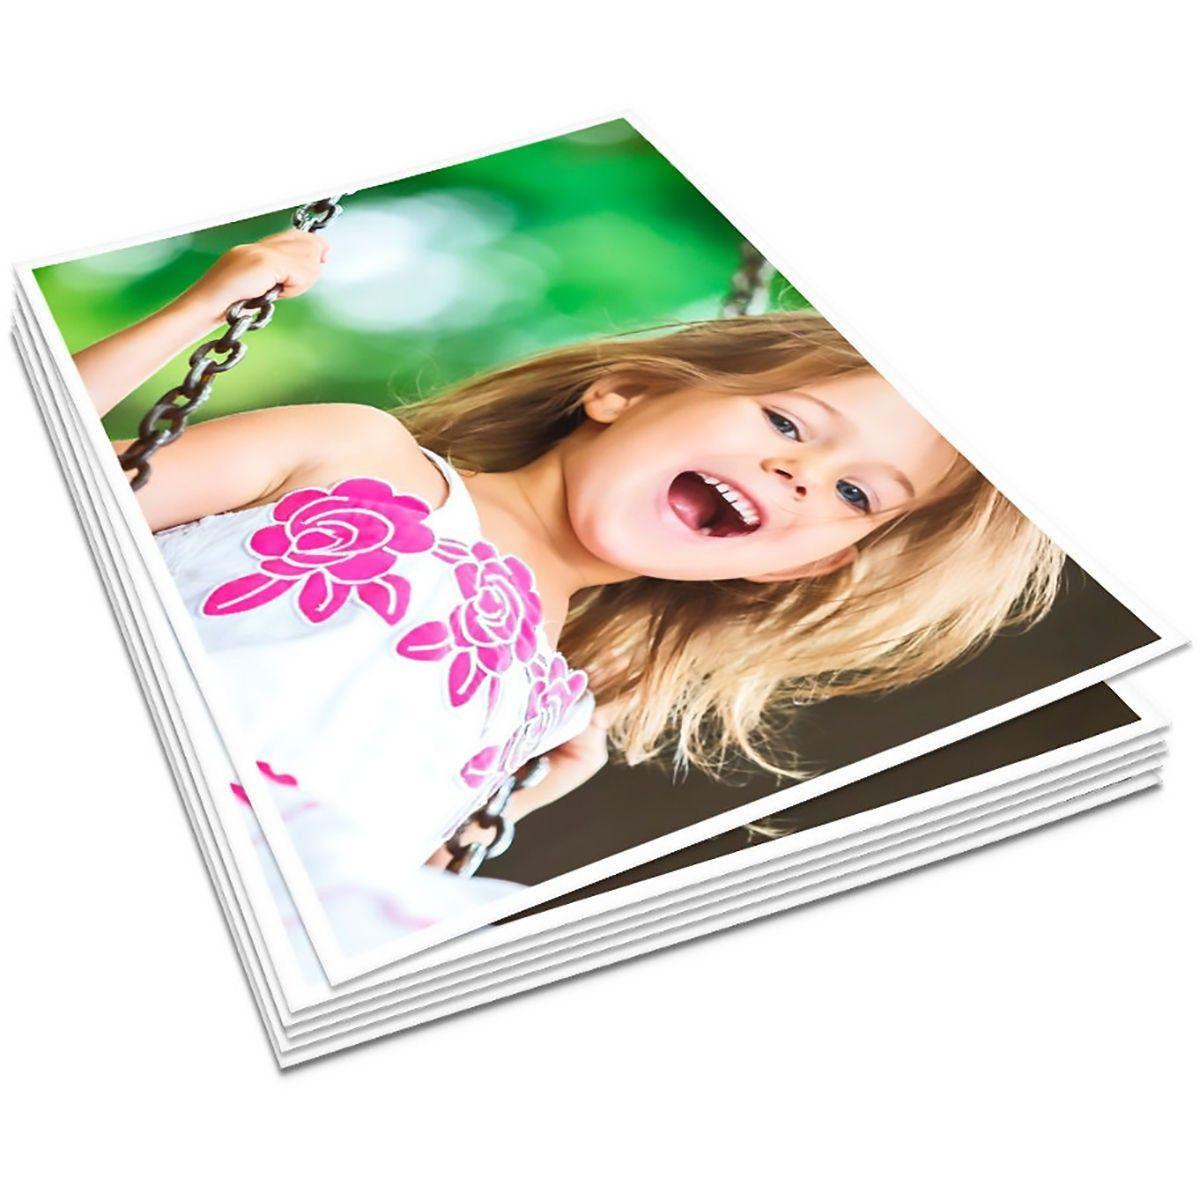 Papel Fotográfico 115g A4 Glossy Branco Brilhante Resistente à Água / 100 folhas